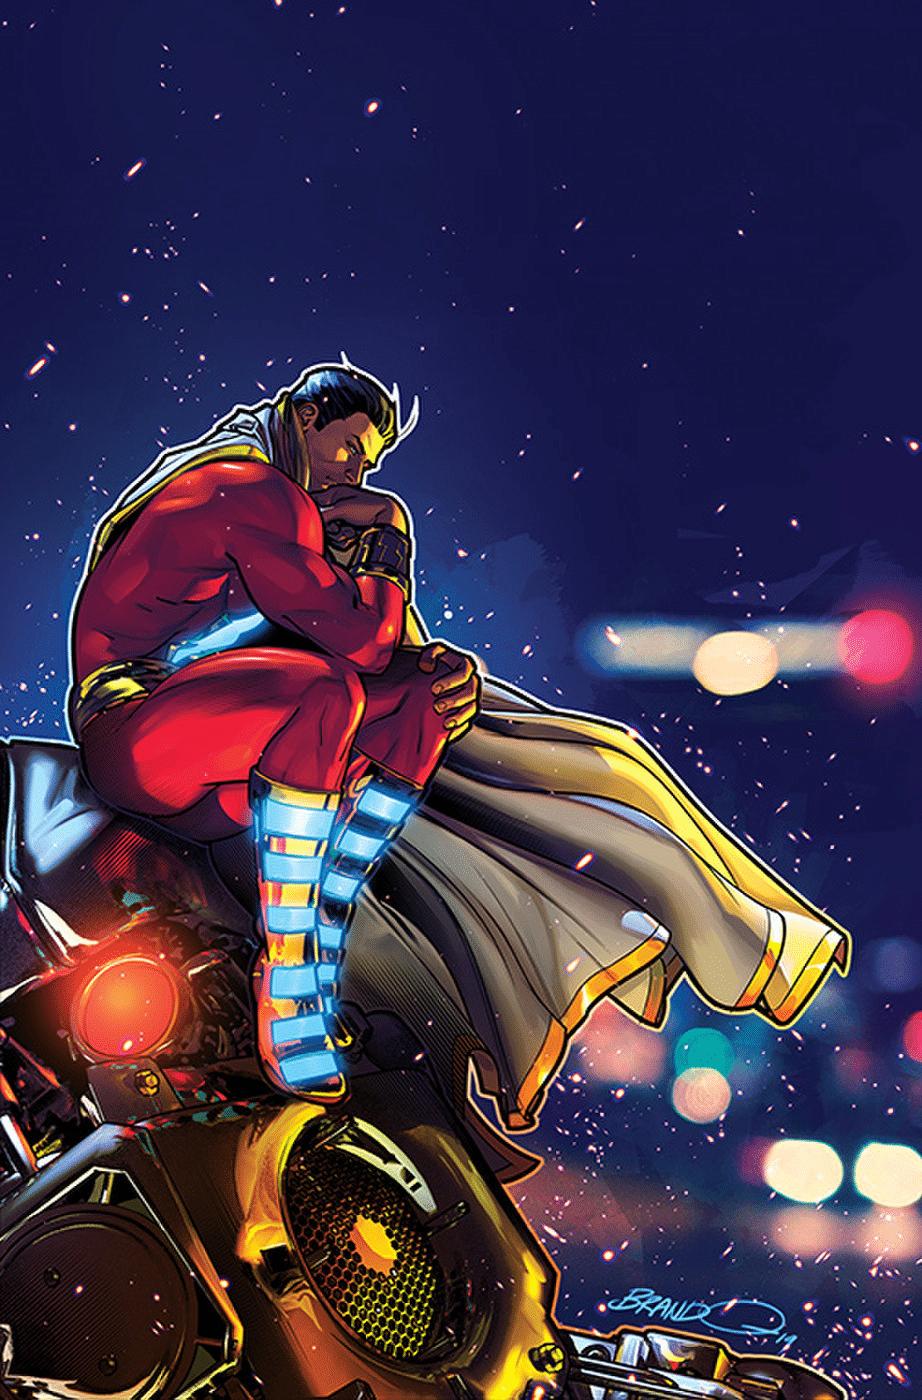 Justice League et Shazam! changent de scénariste 3